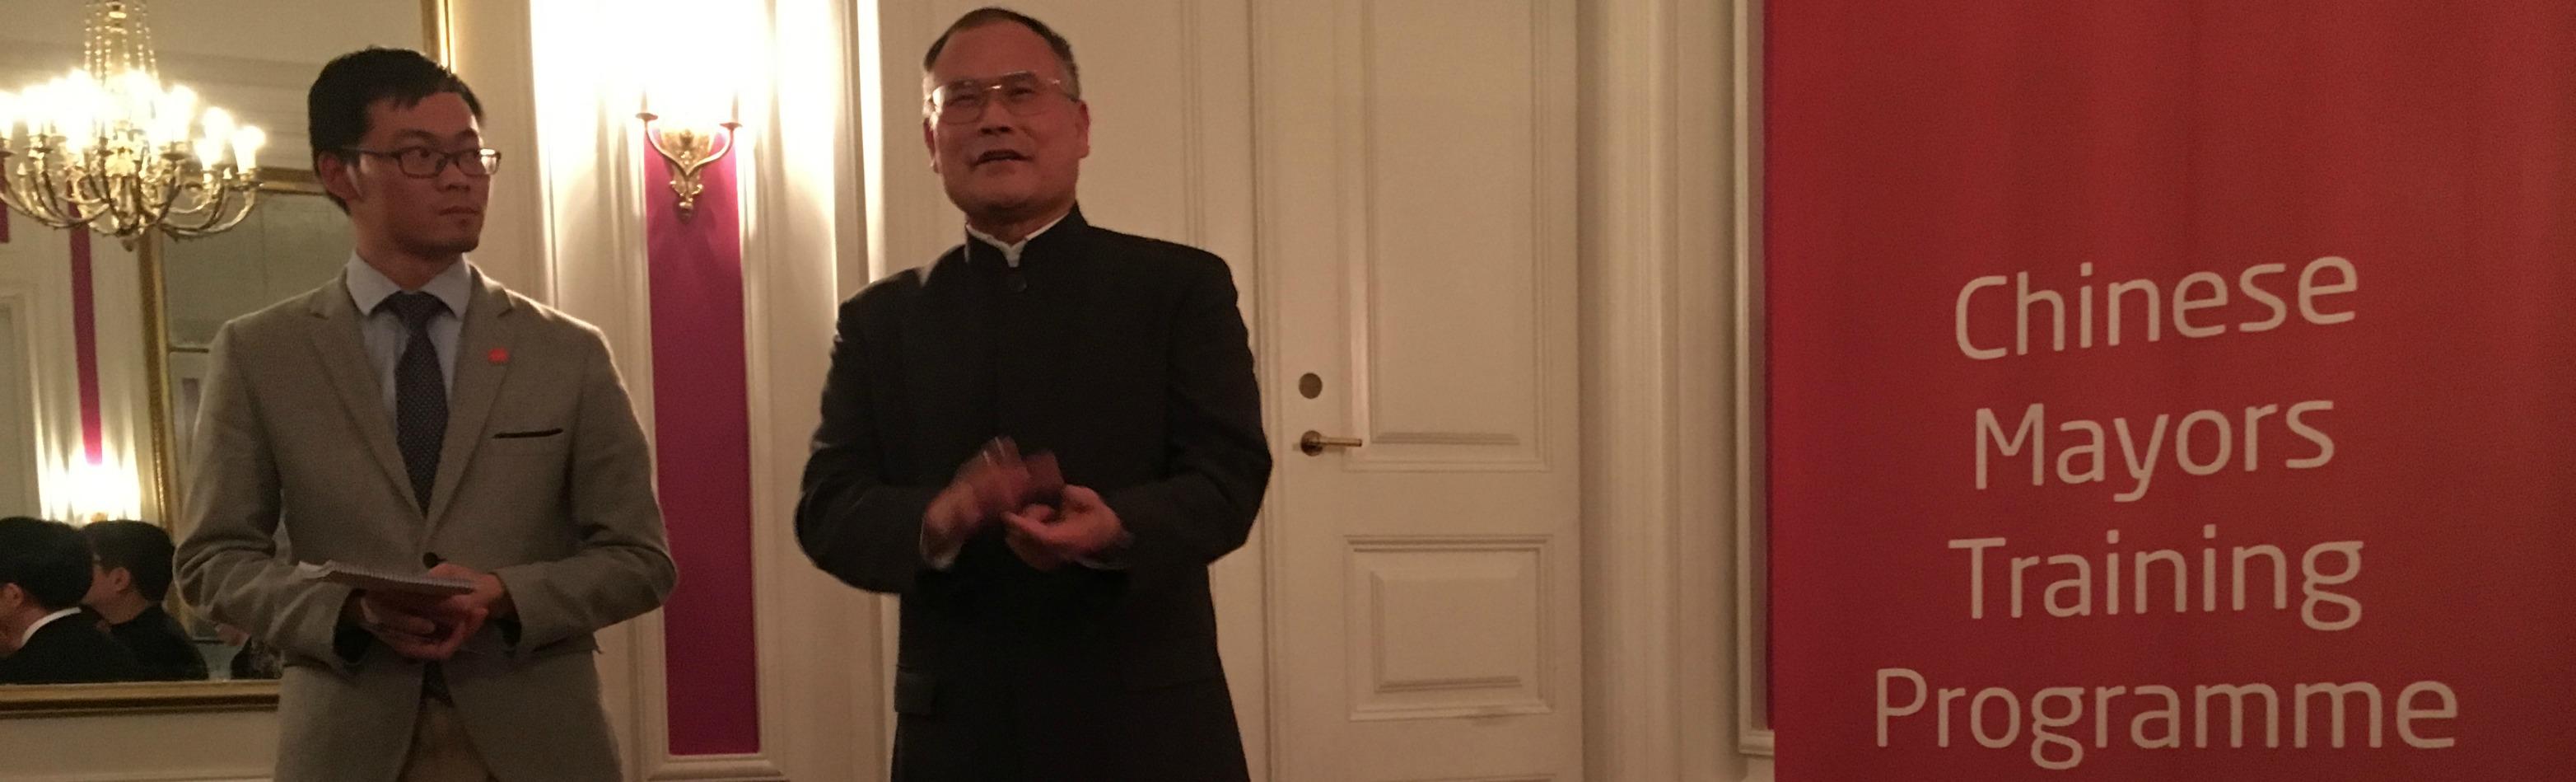 H.E. Mr. Liu Biwei